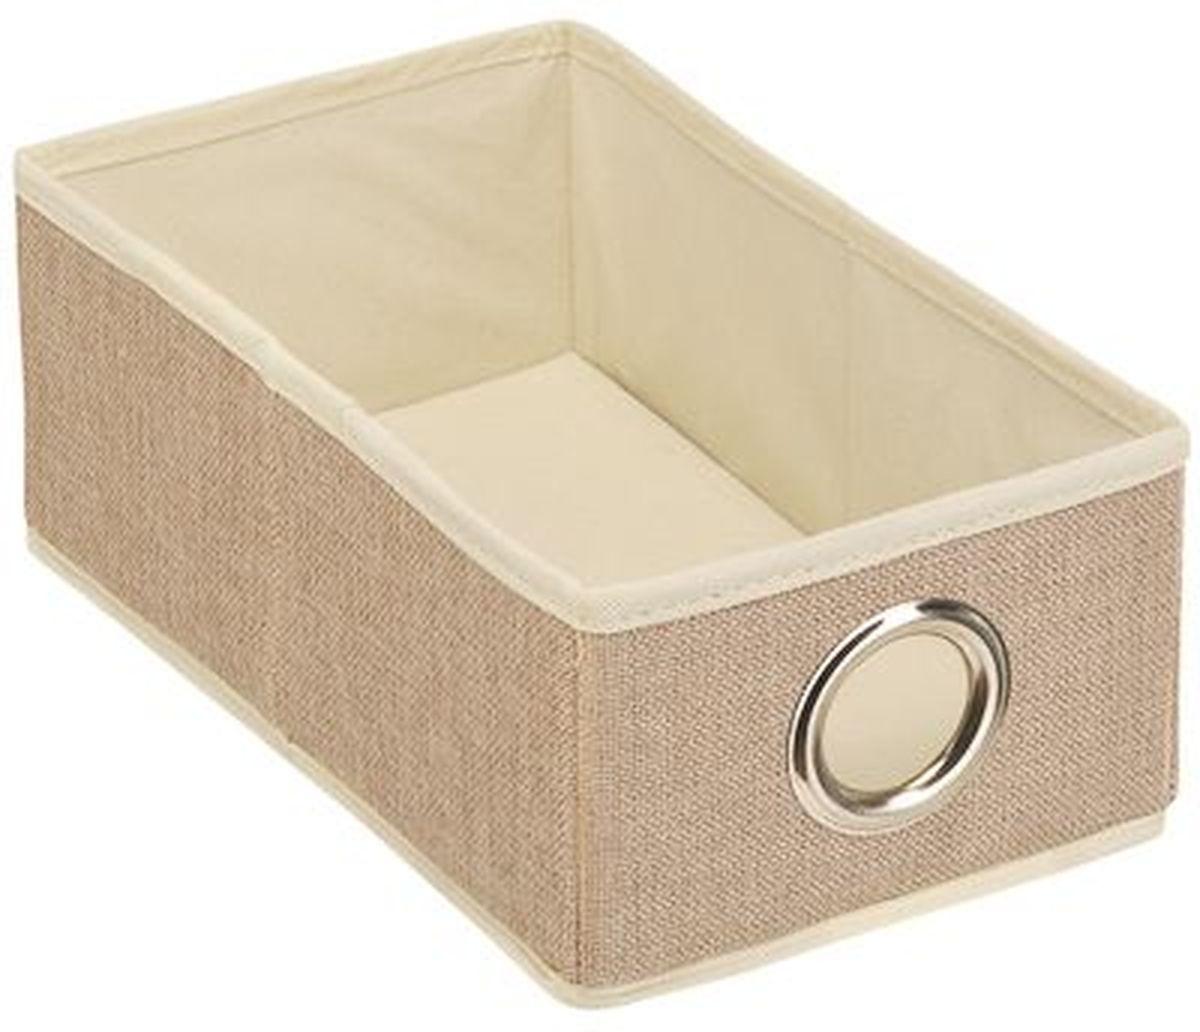 Кофр для хранения вещей Handy Home Лен, 16 х 28 х 11 смUC-30Короб открытый прямоугольный складной. Занимает минимум места в сложенном виде. Подходит для хранения одежды, обуви, мелких предметов, документов и многого другого.